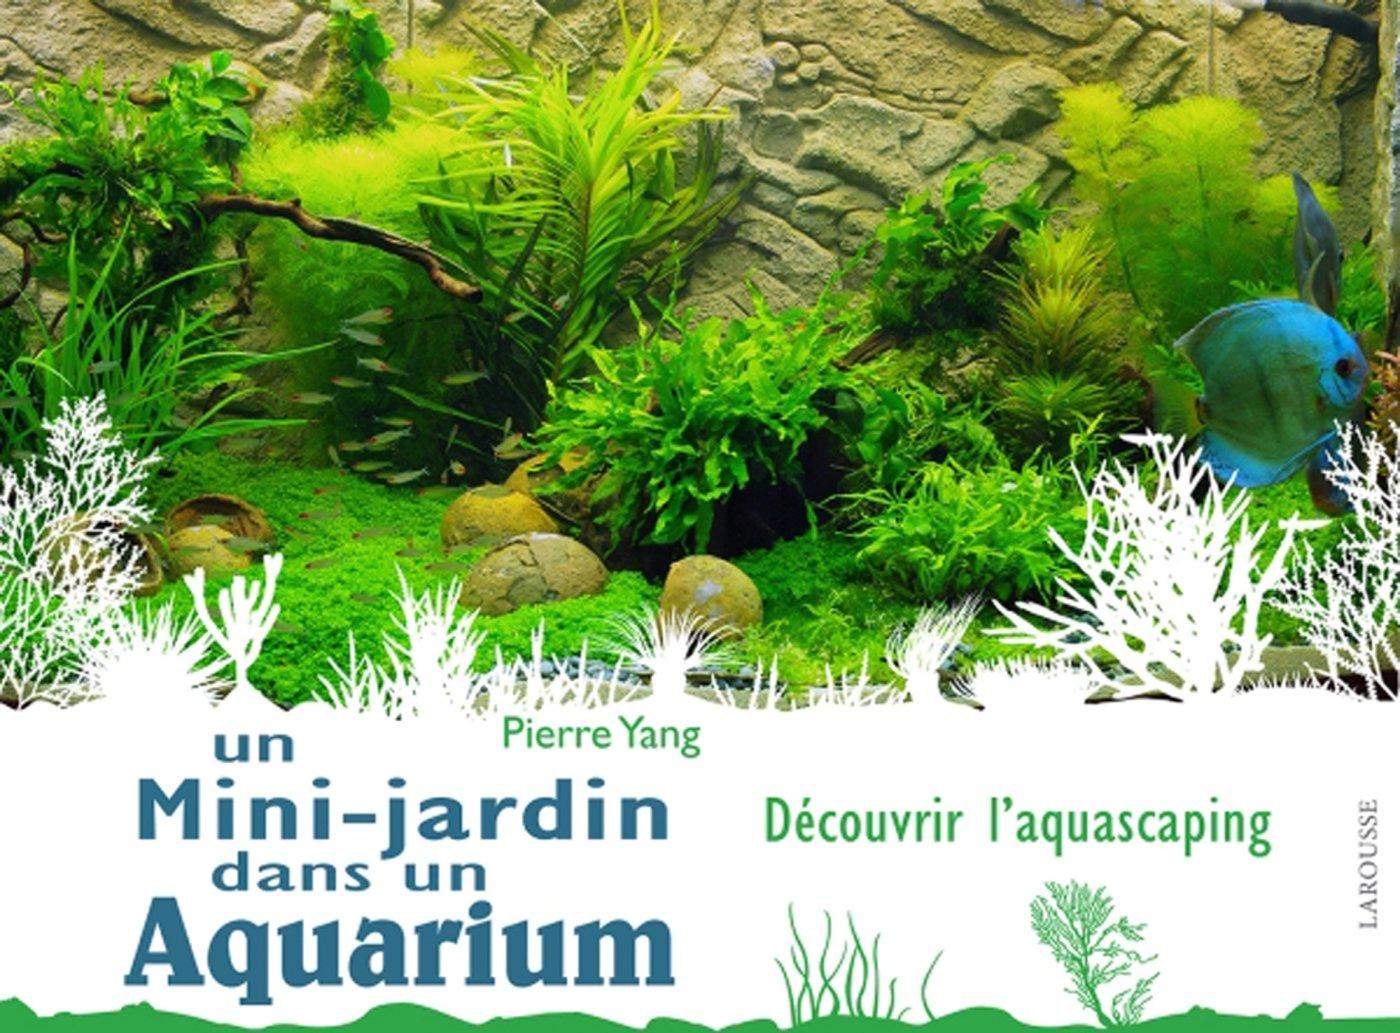 Un mini jardin dans un aquarium: Amazon.fr: Pierre Yang: Livres